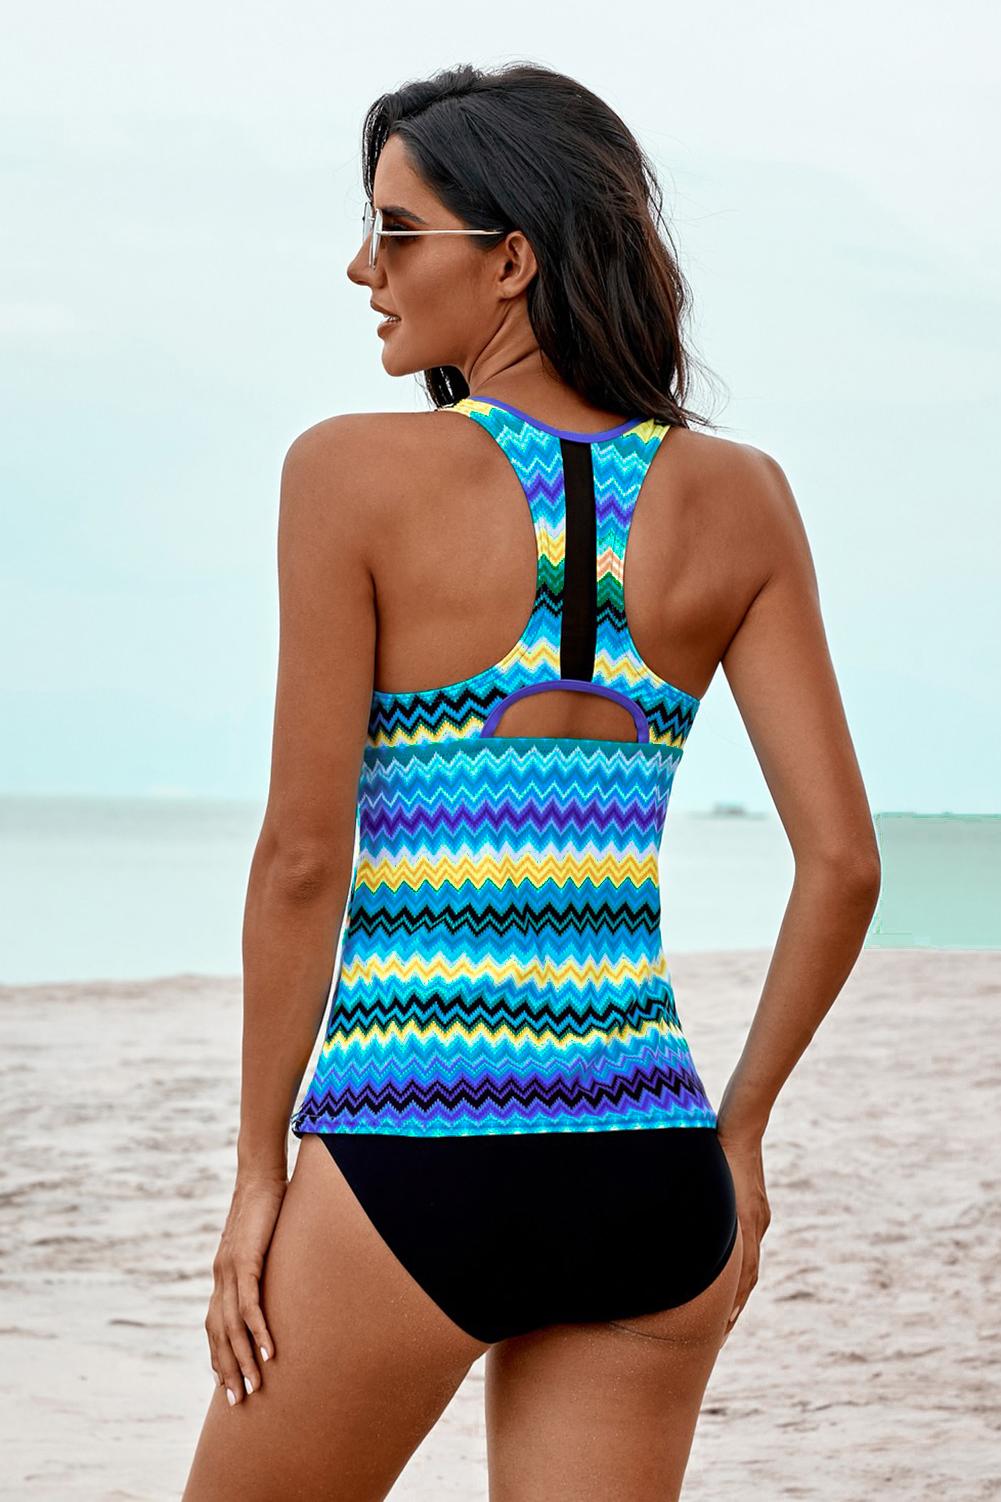 蓝色波浪条纹背心式三角保守泳装两件套 LC411483